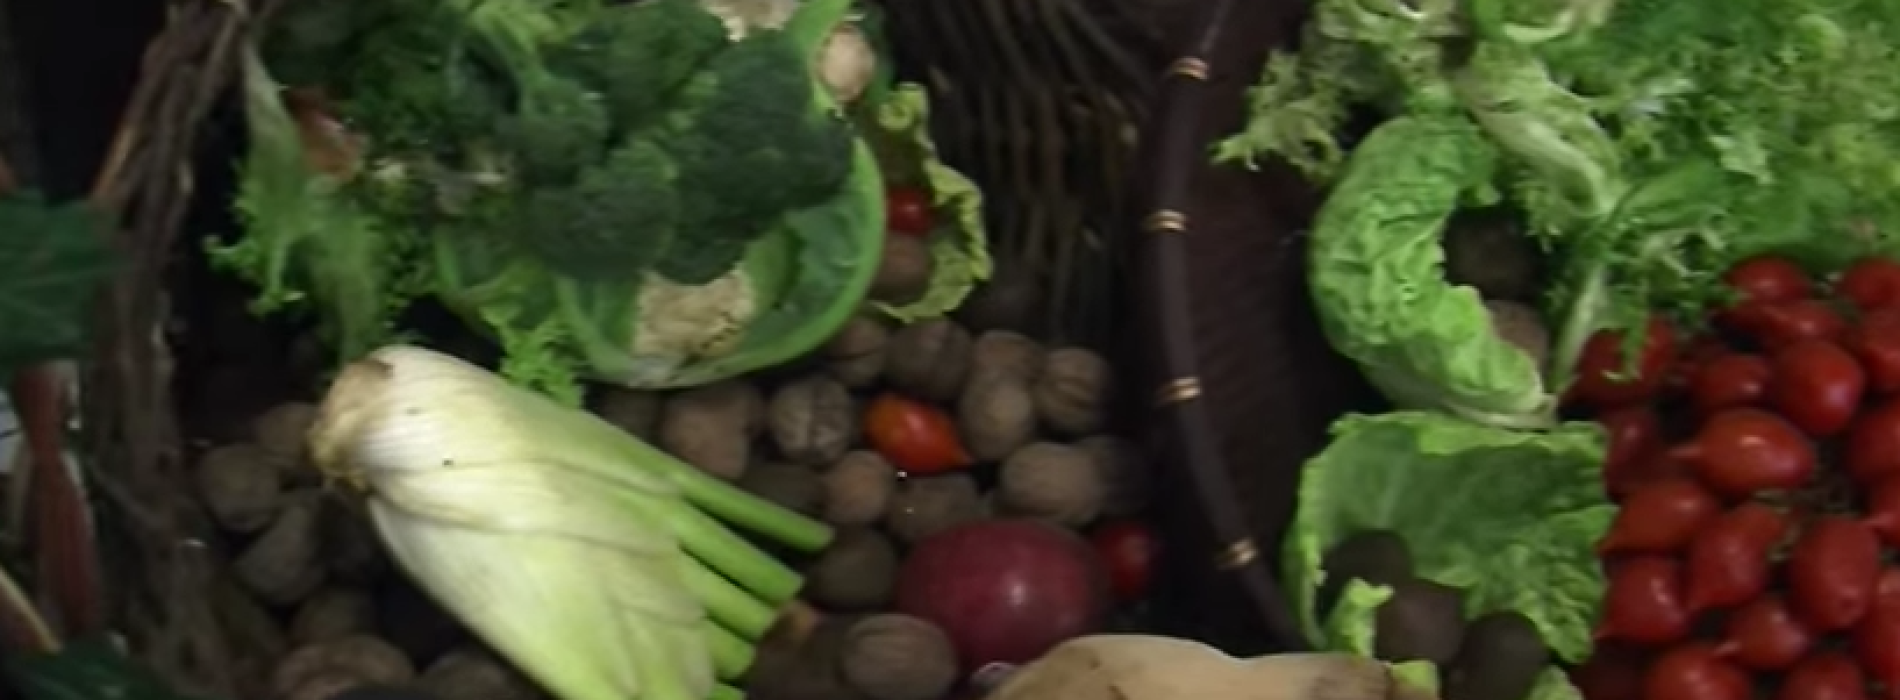 Dieta Mediterranea. Patrimonio culturale immateriale da valorizzare e sostenere